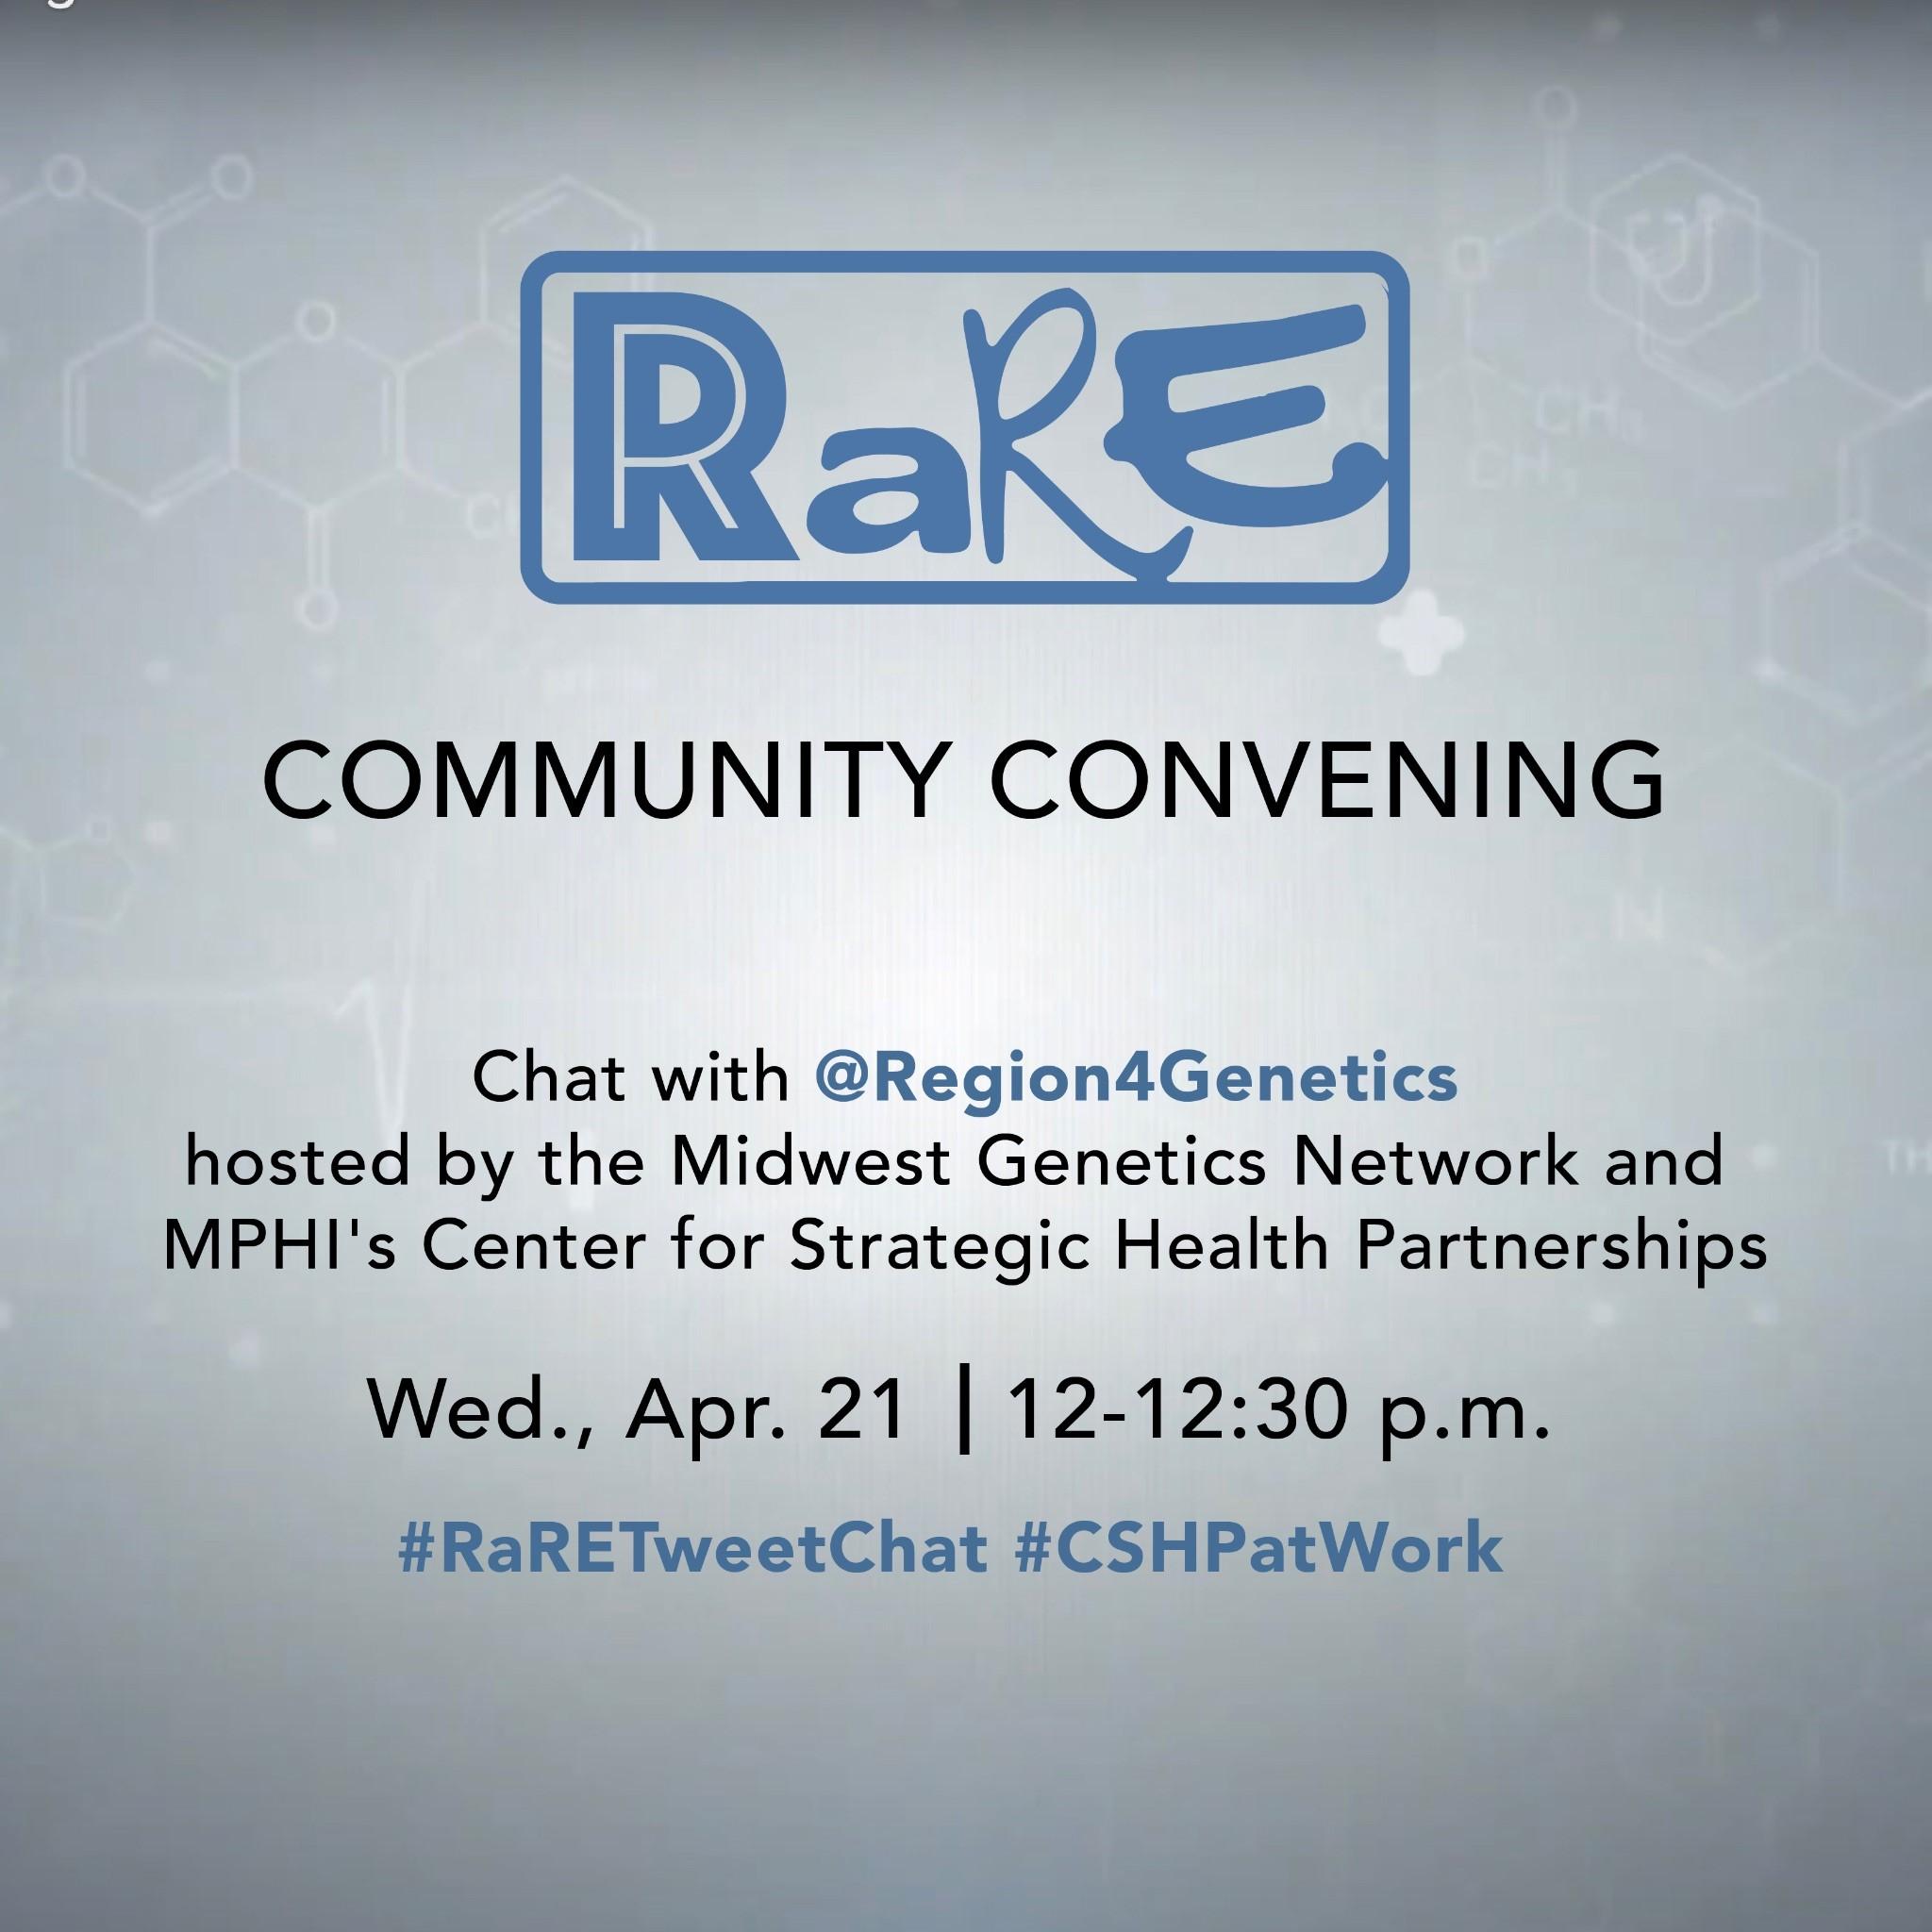 RaRE Community Convening